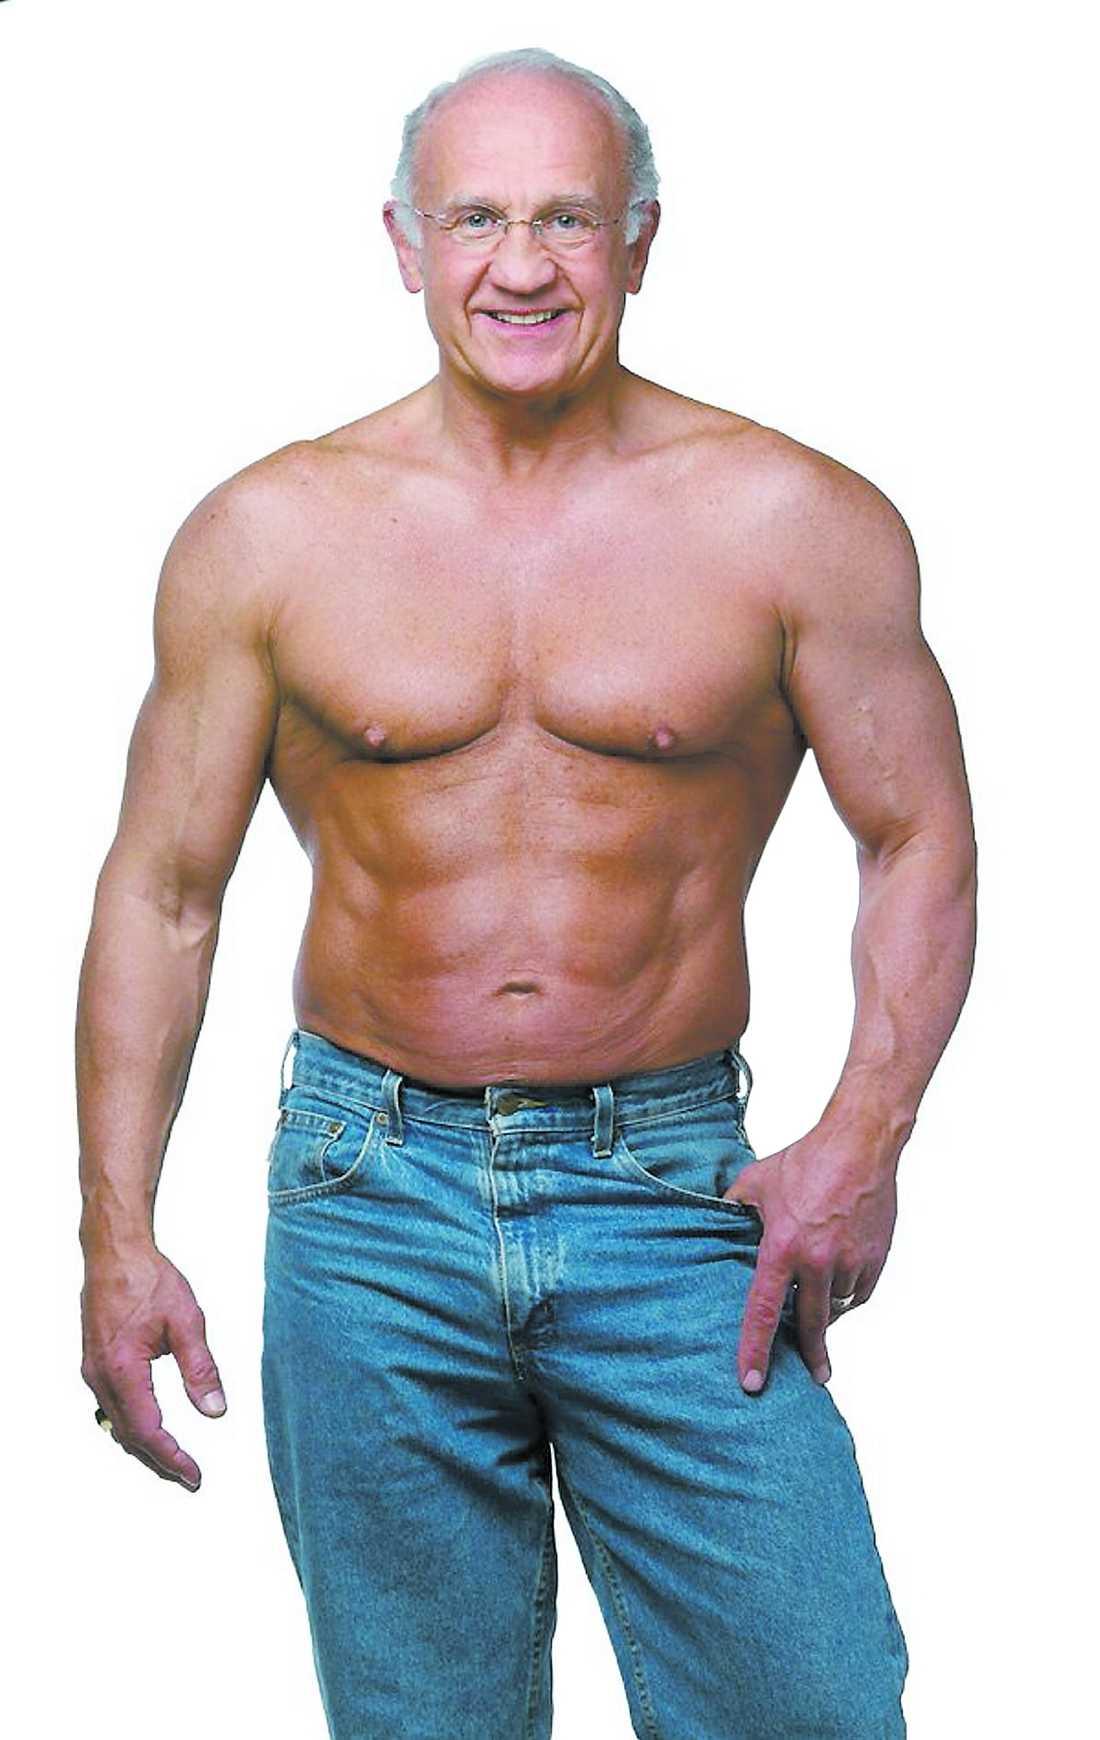 Kropp som en 30-åring Jeffry Life, 69, driver Cenegenics Medical Institute. I metoden ingår, förutom bra kost och motion, även injektioner av tillväxthormoner och testosteronsprutor.